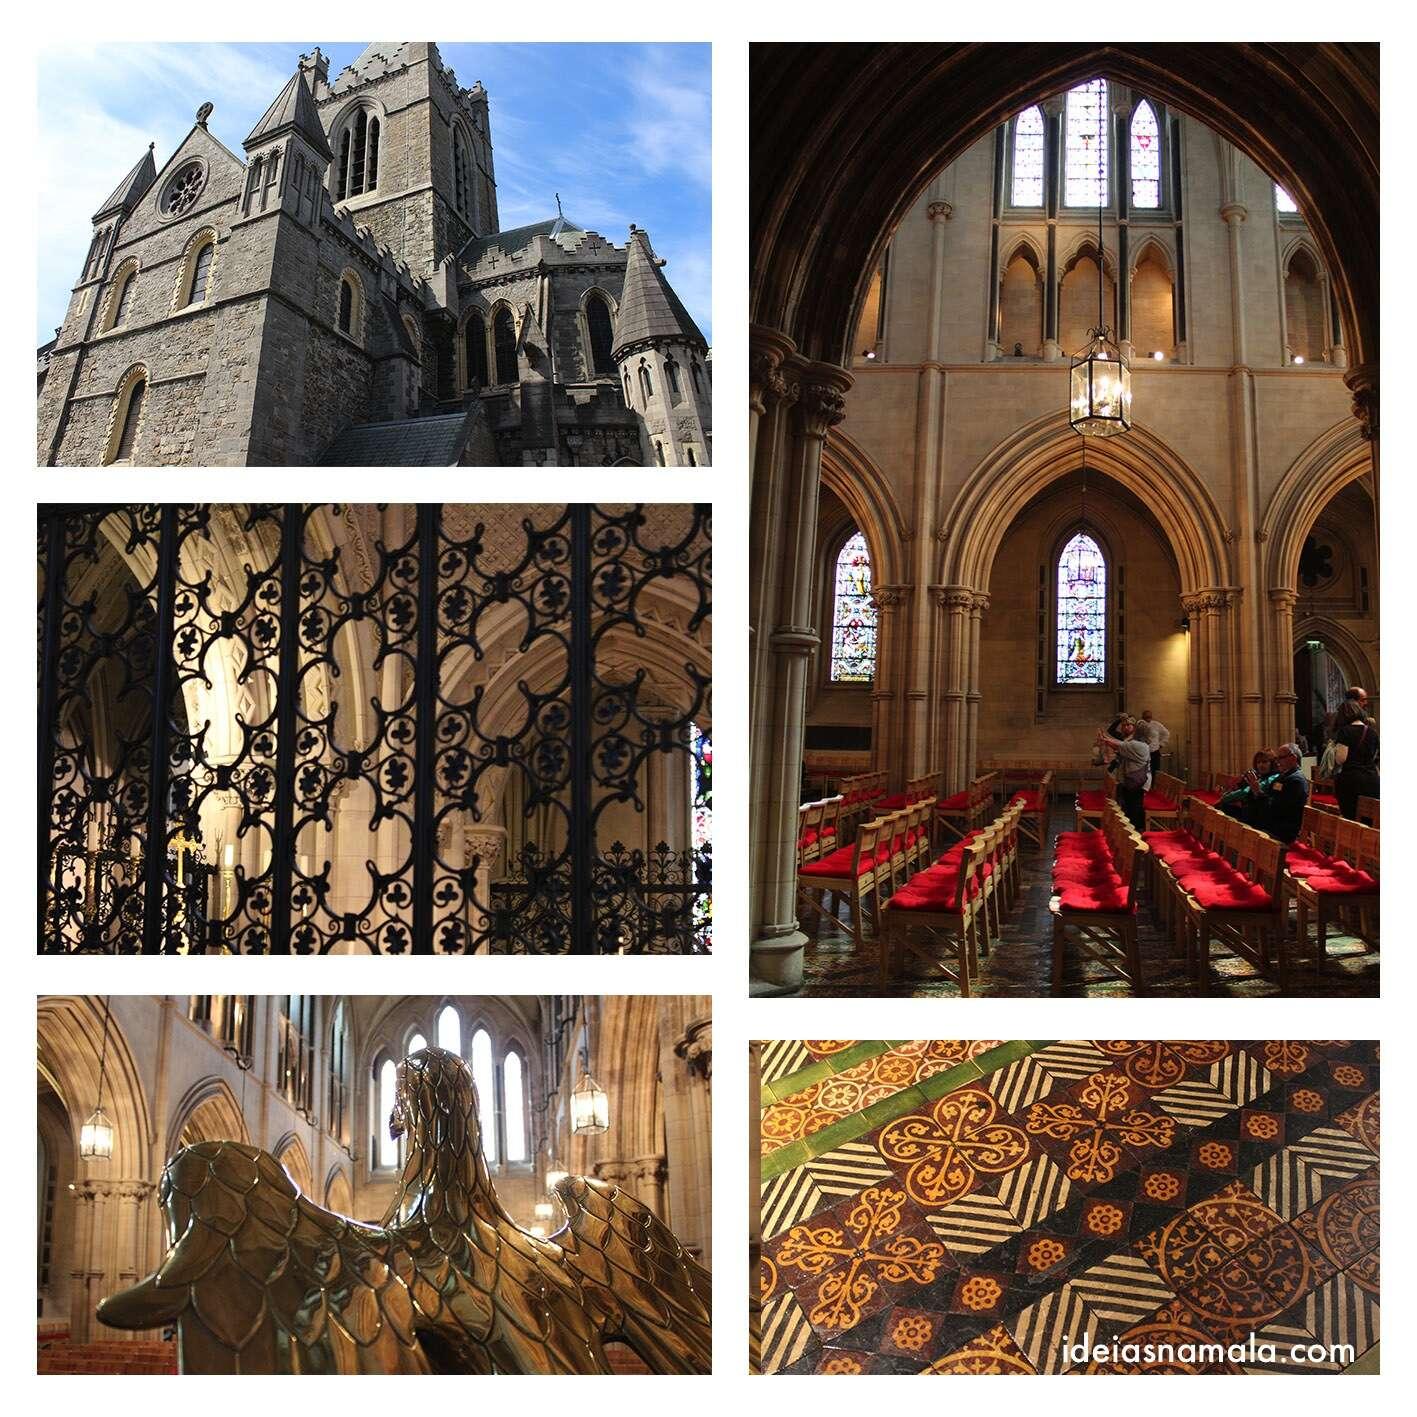 Interior da Catedral Chirstchurch em Dublin